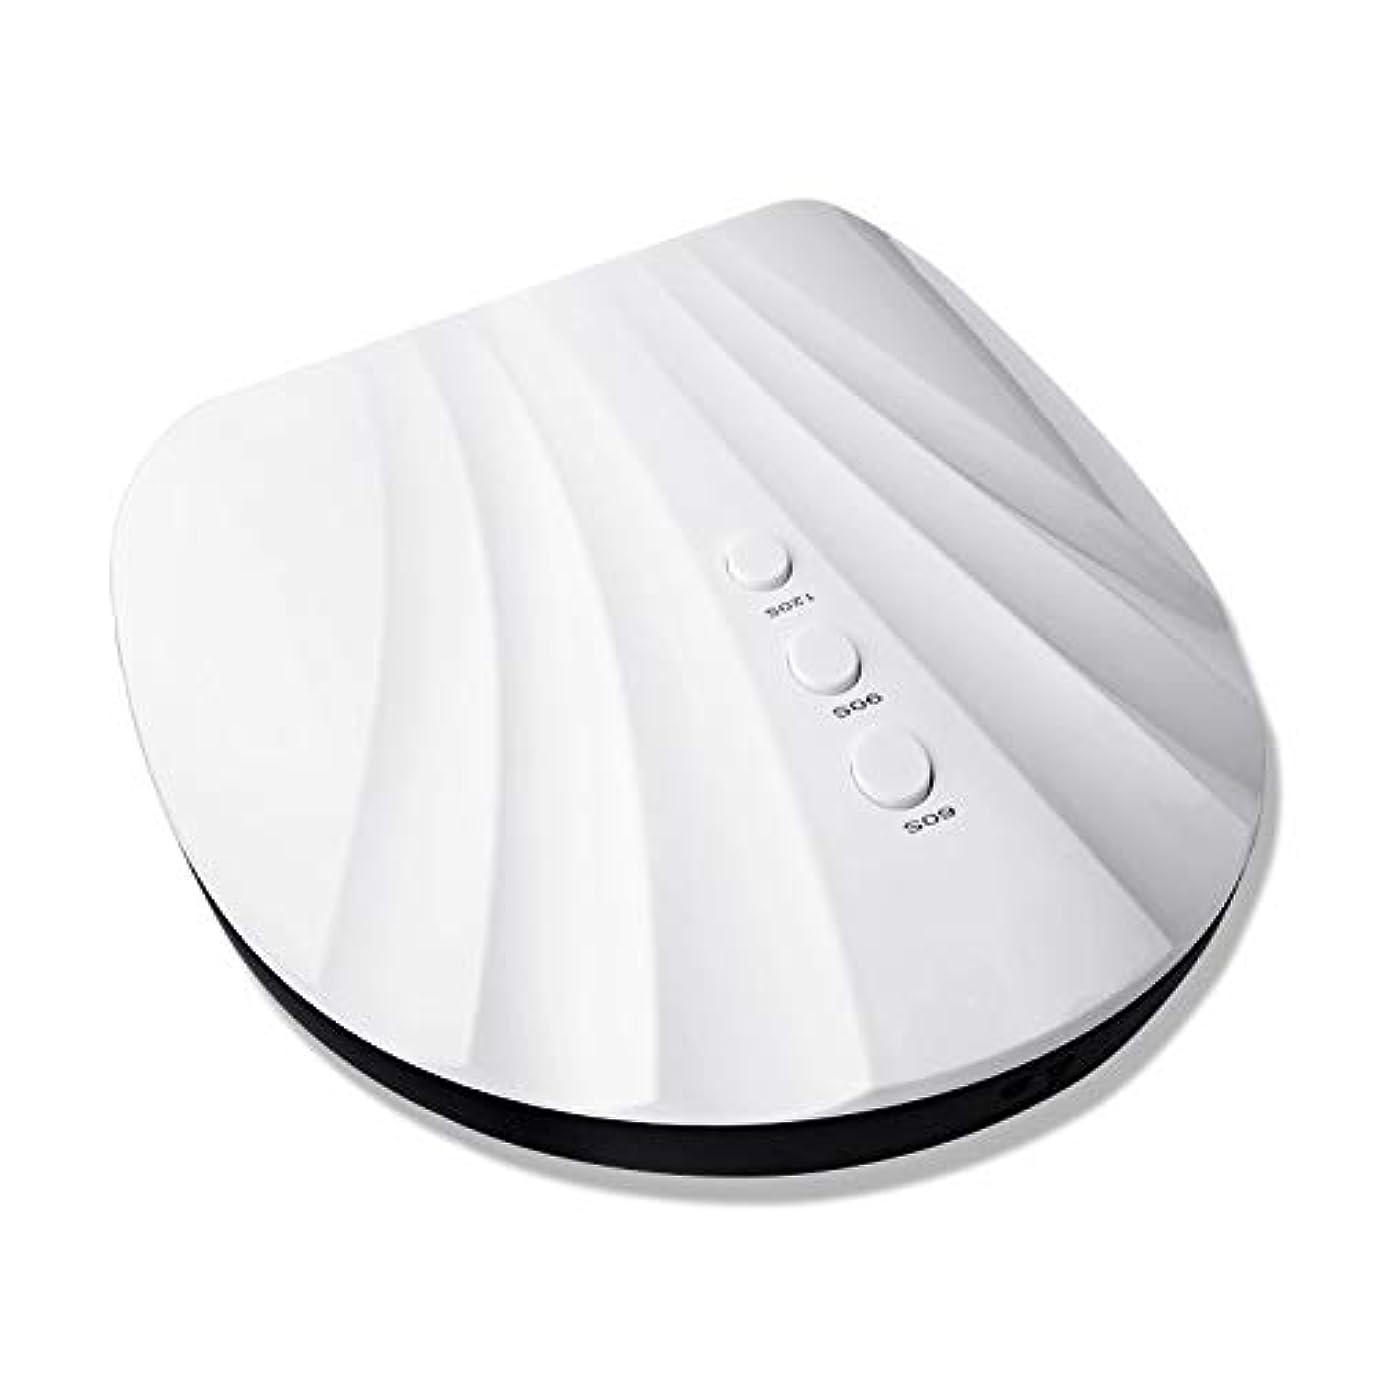 フォーカス吸収剤とても多くのジェルポリッシュ60秒、90秒、120秒タイマー用36W LEDネイルランプドライヤー